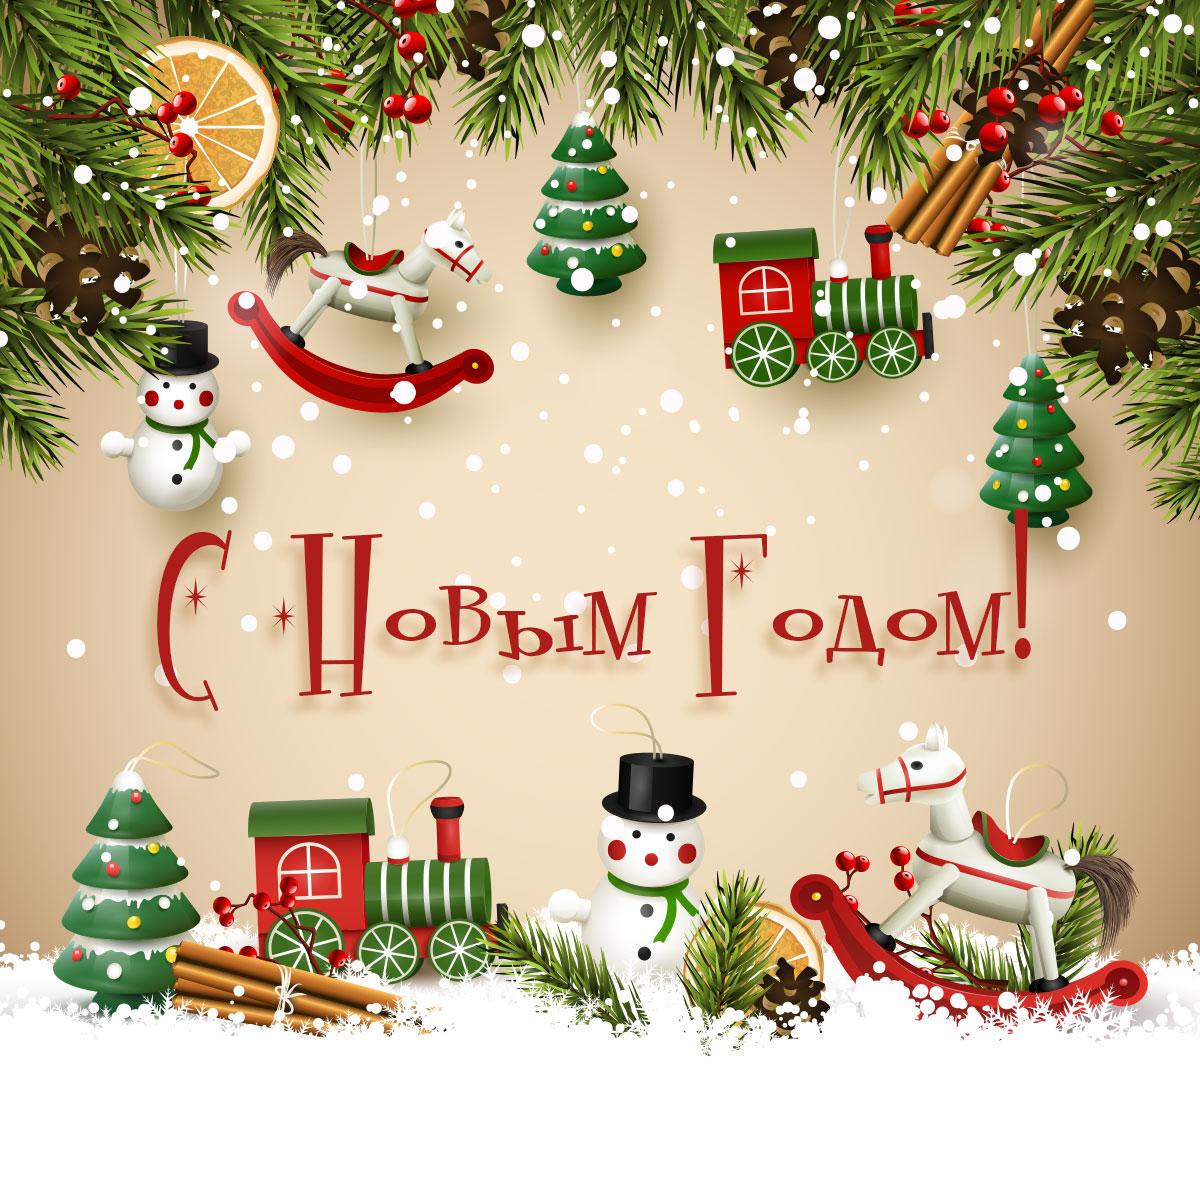 Надпись с новым годом на фоне еловых веток и рождественских игрушек.